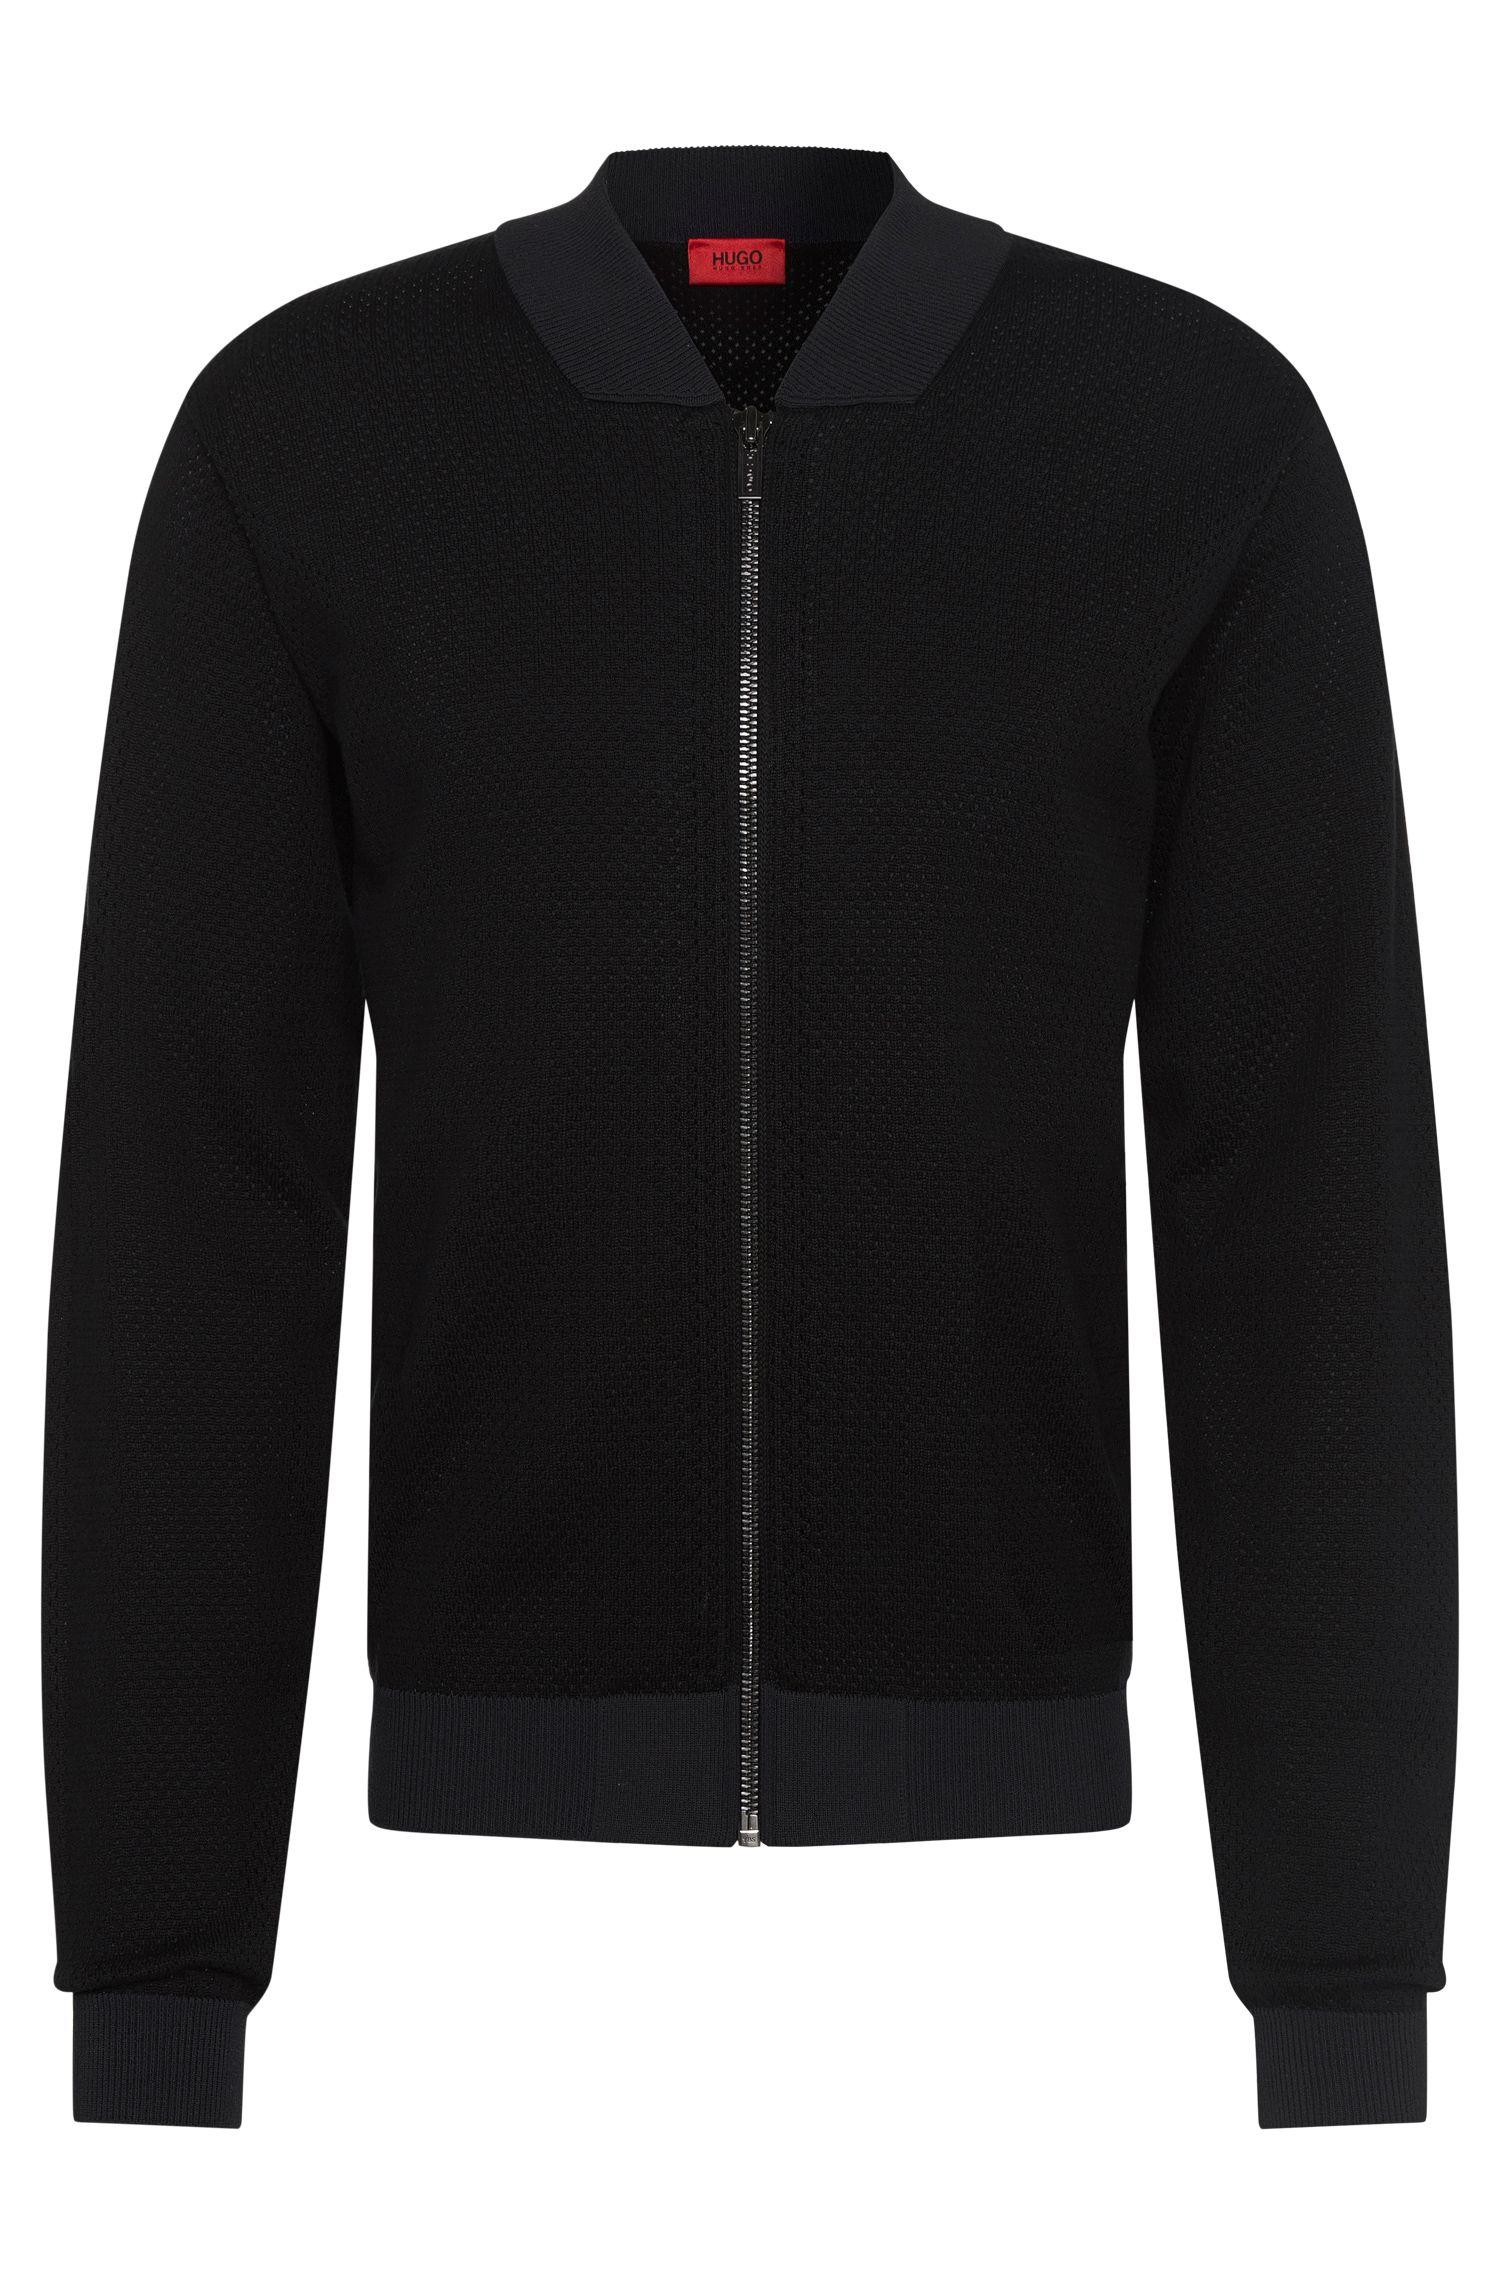 'Slop' | Cotton Blend Mesh Jacket